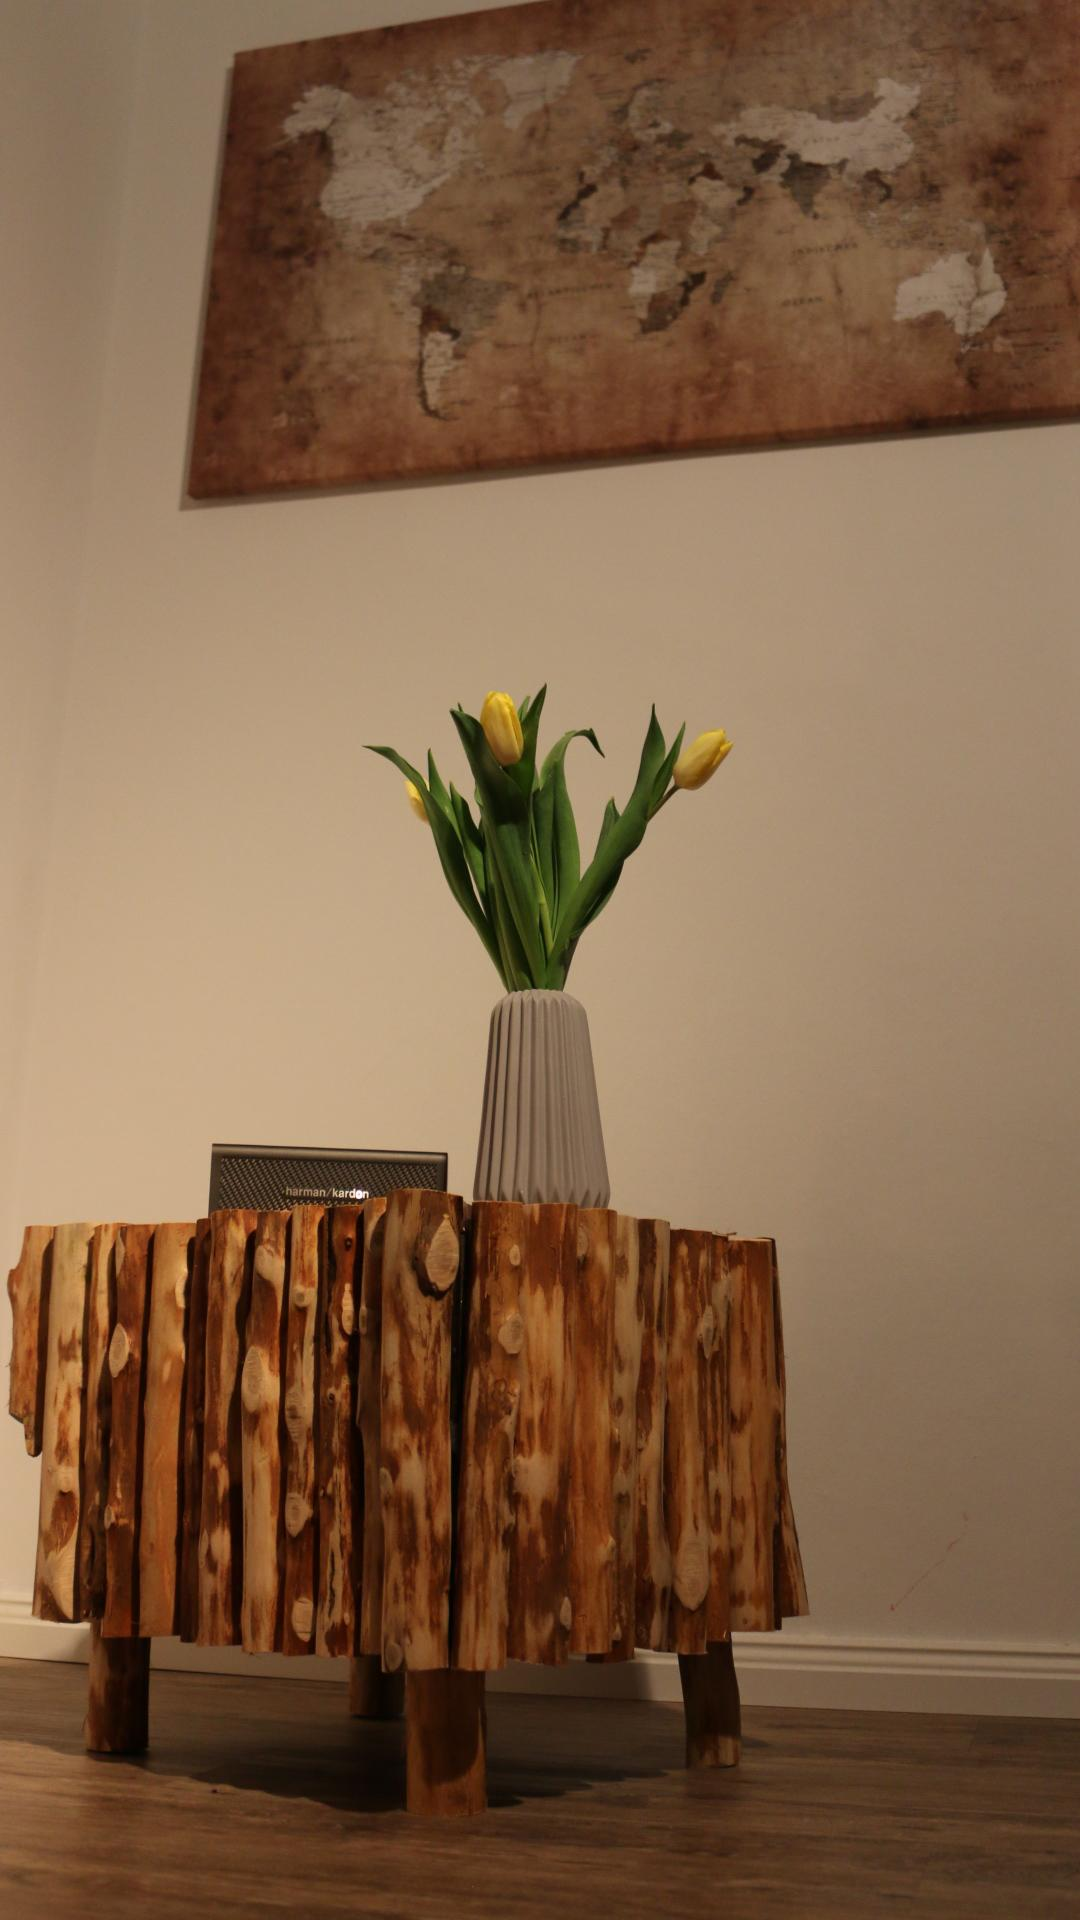 ᐅ beistelltisch aus altholz selber machen - diy ideen - anleitung - Altholz Selber Machen